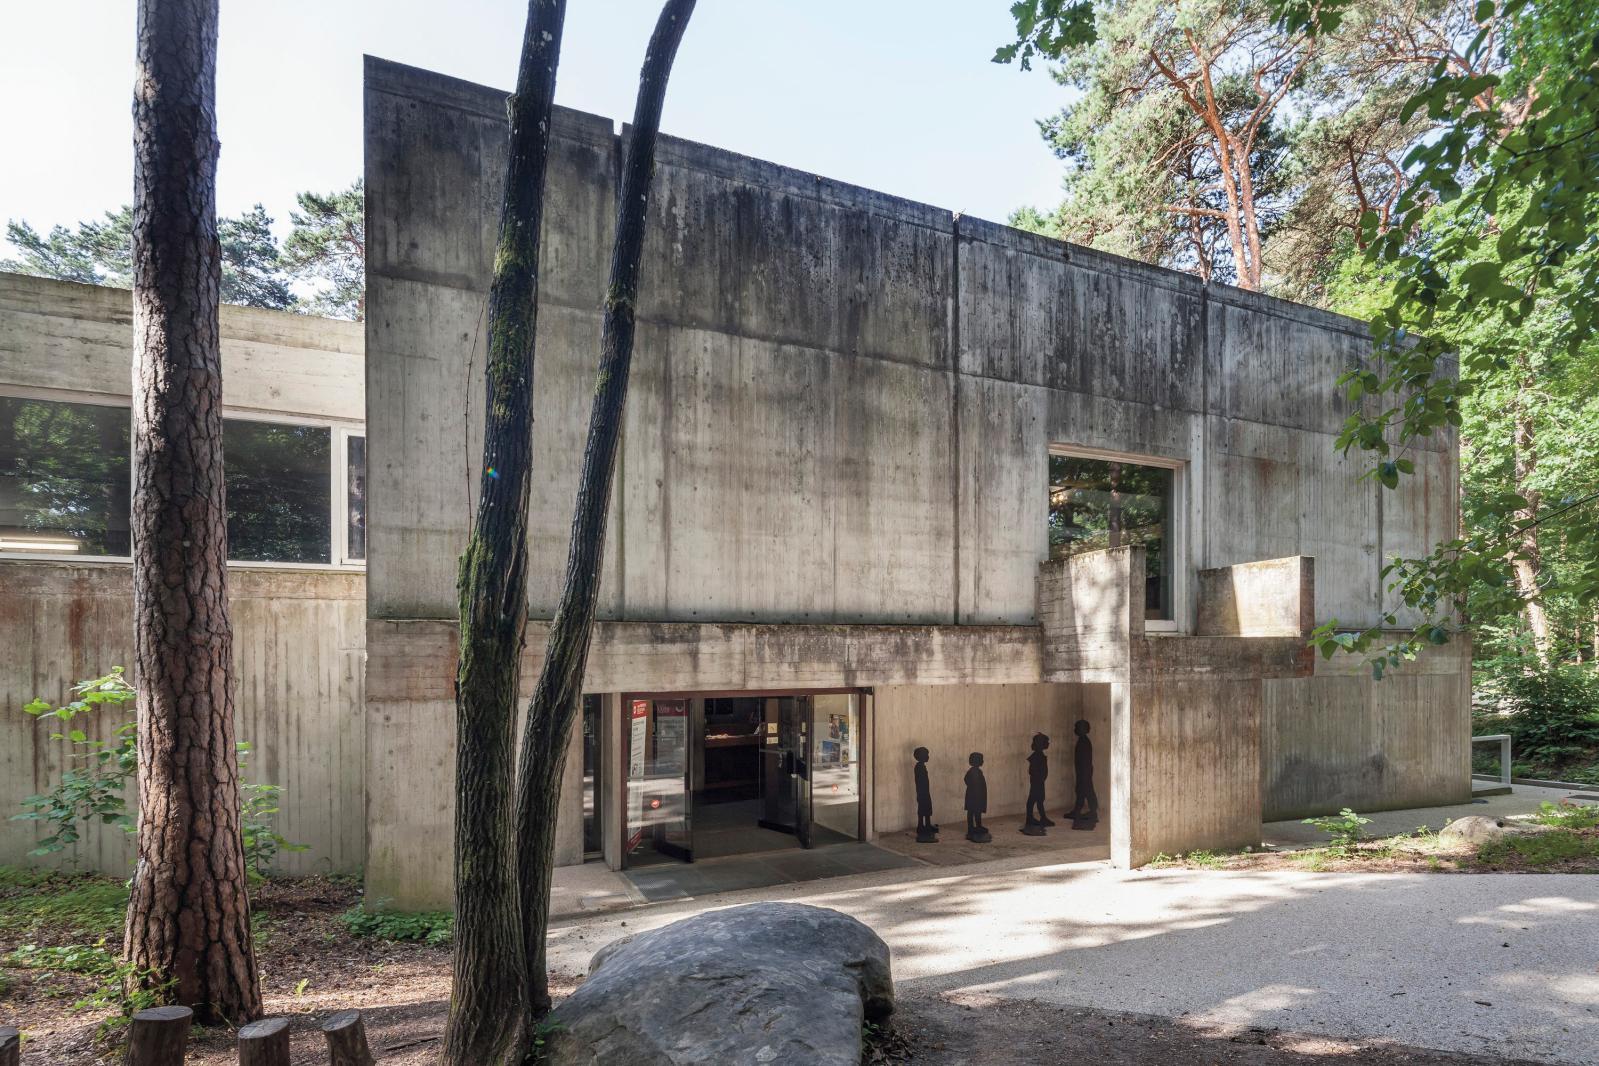 Le bâtiment de Roland Simounet implanté en lisière de la forêt de Nemours-Poligny, qui est elle-même une extension sud de la forêt de Font